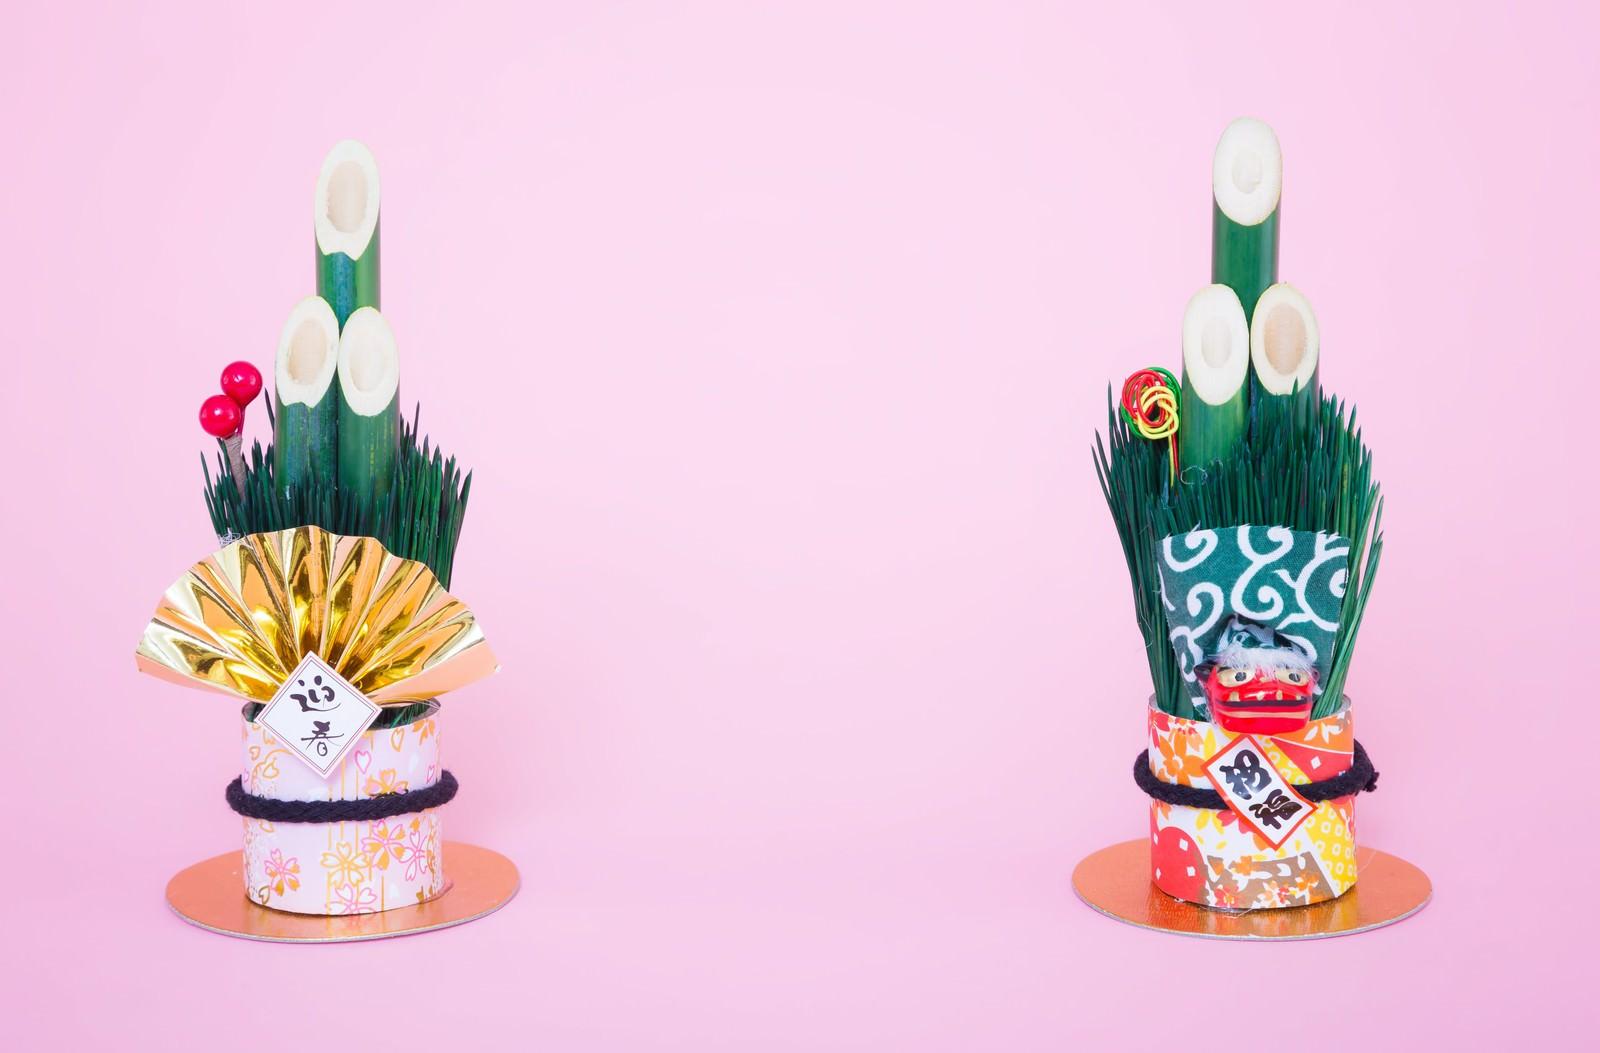 「《年賀状》両端に置かれた門松の飾り《年賀状》両端に置かれた門松の飾り」のフリー写真素材を拡大